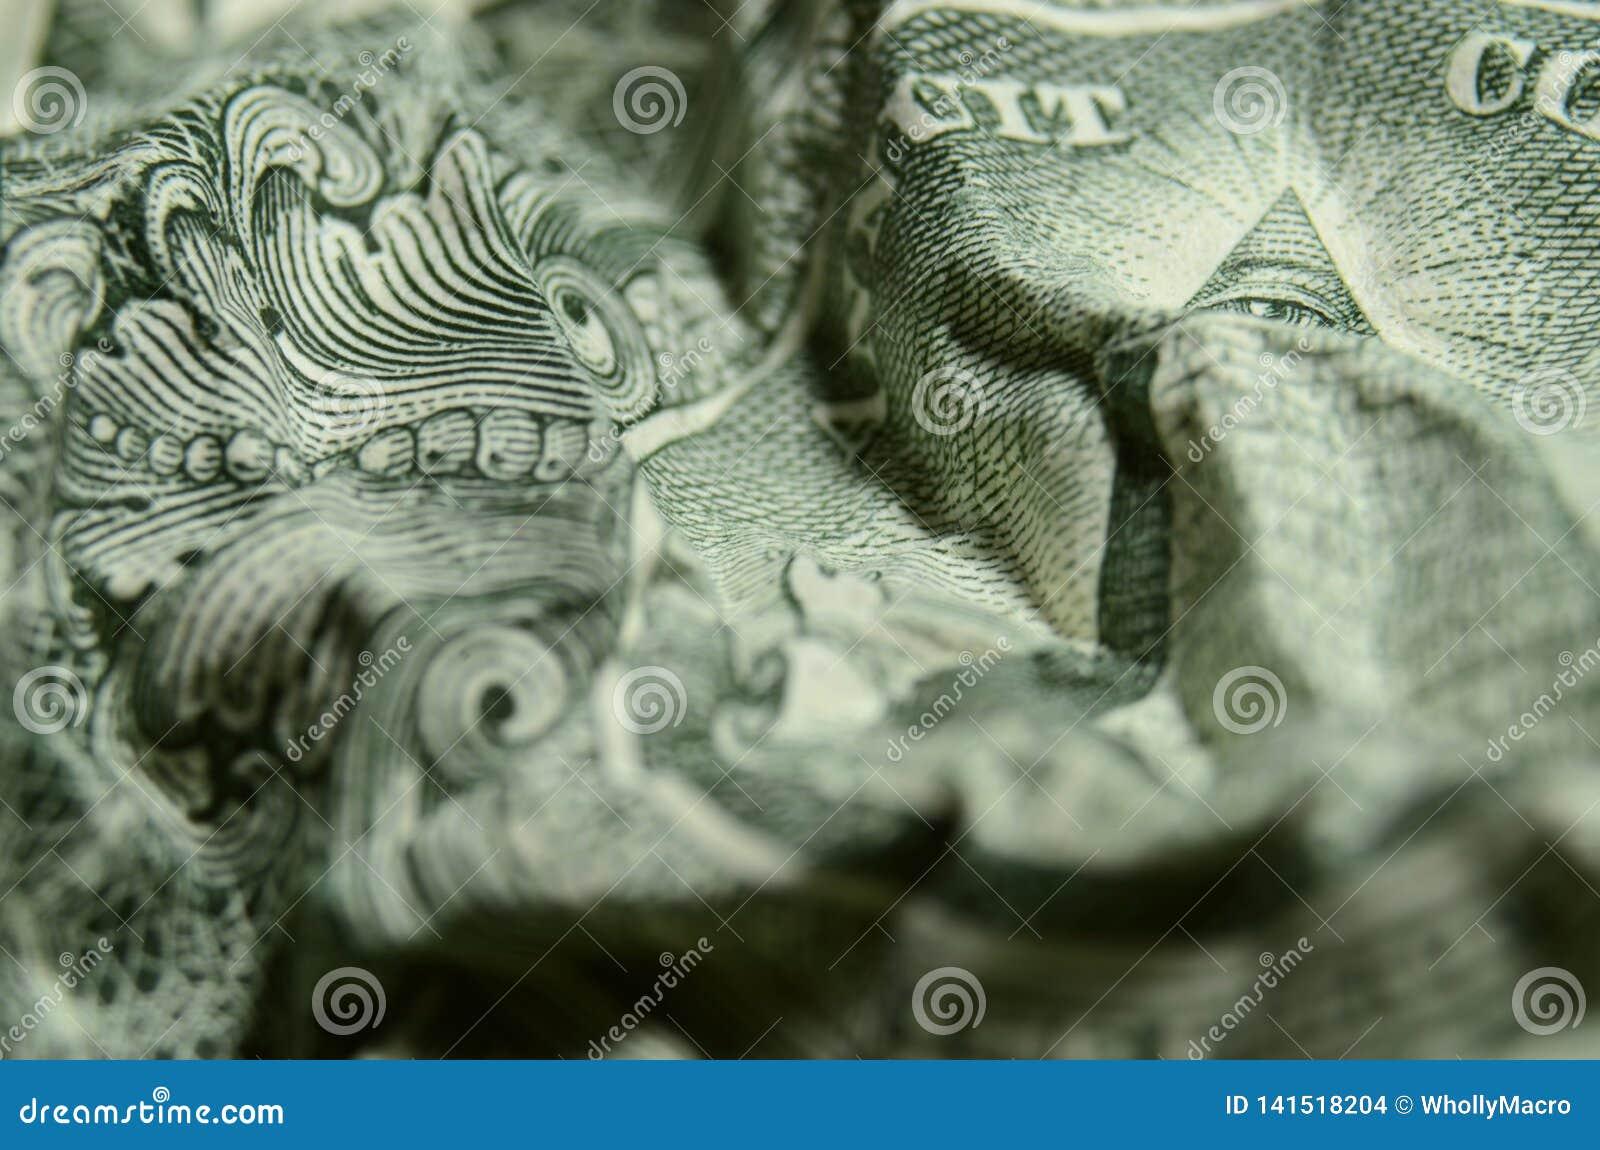 Глаз providence, от большой государственной печати, на американской долларовой банкноте, шпионя